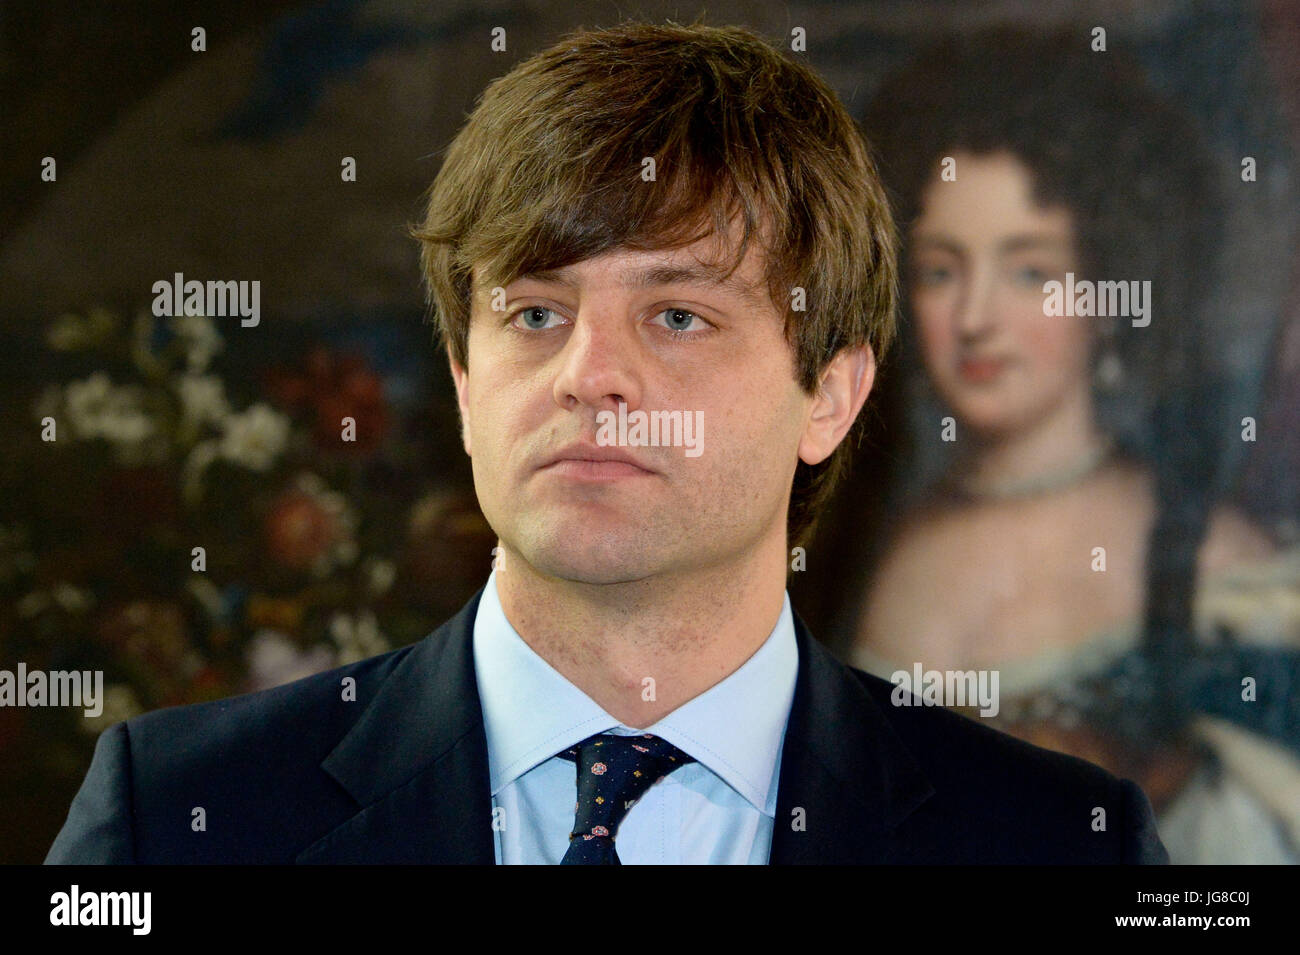 Datei - Prinz Ernst August von Hannover, am Schloss Marienburg bei Pattensen, Deutschland, 11. April 2014 fotografiert. Foto: Peter Steffen/dpa Stockfoto